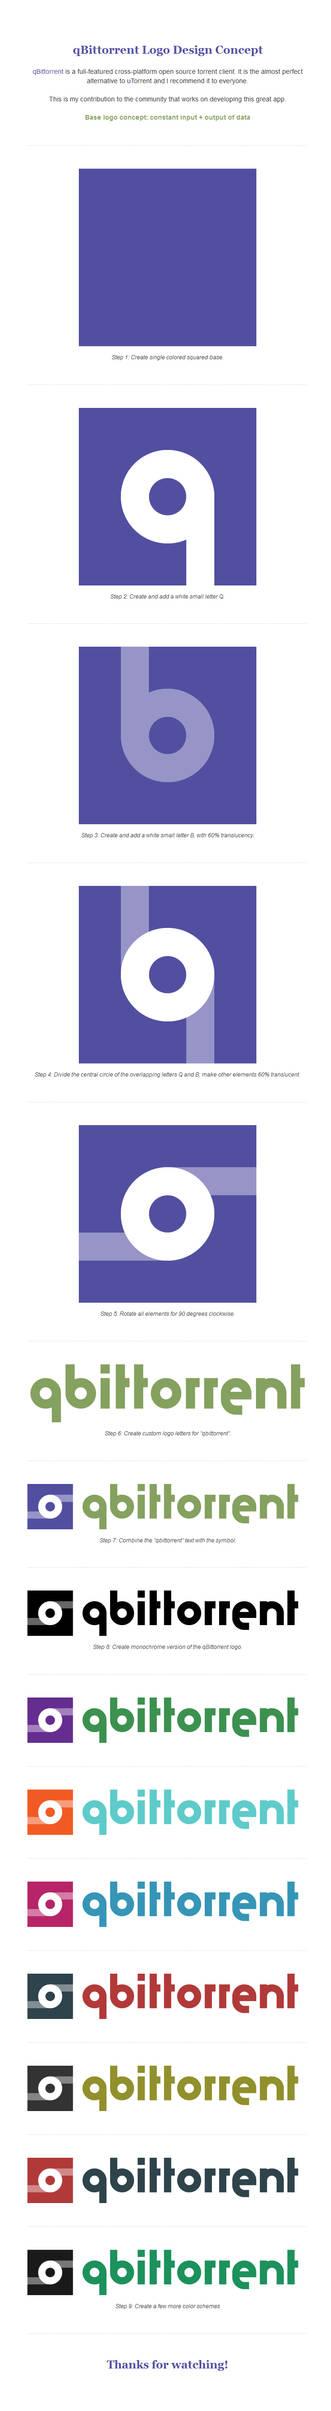 qBittorrent Logo Design Concept